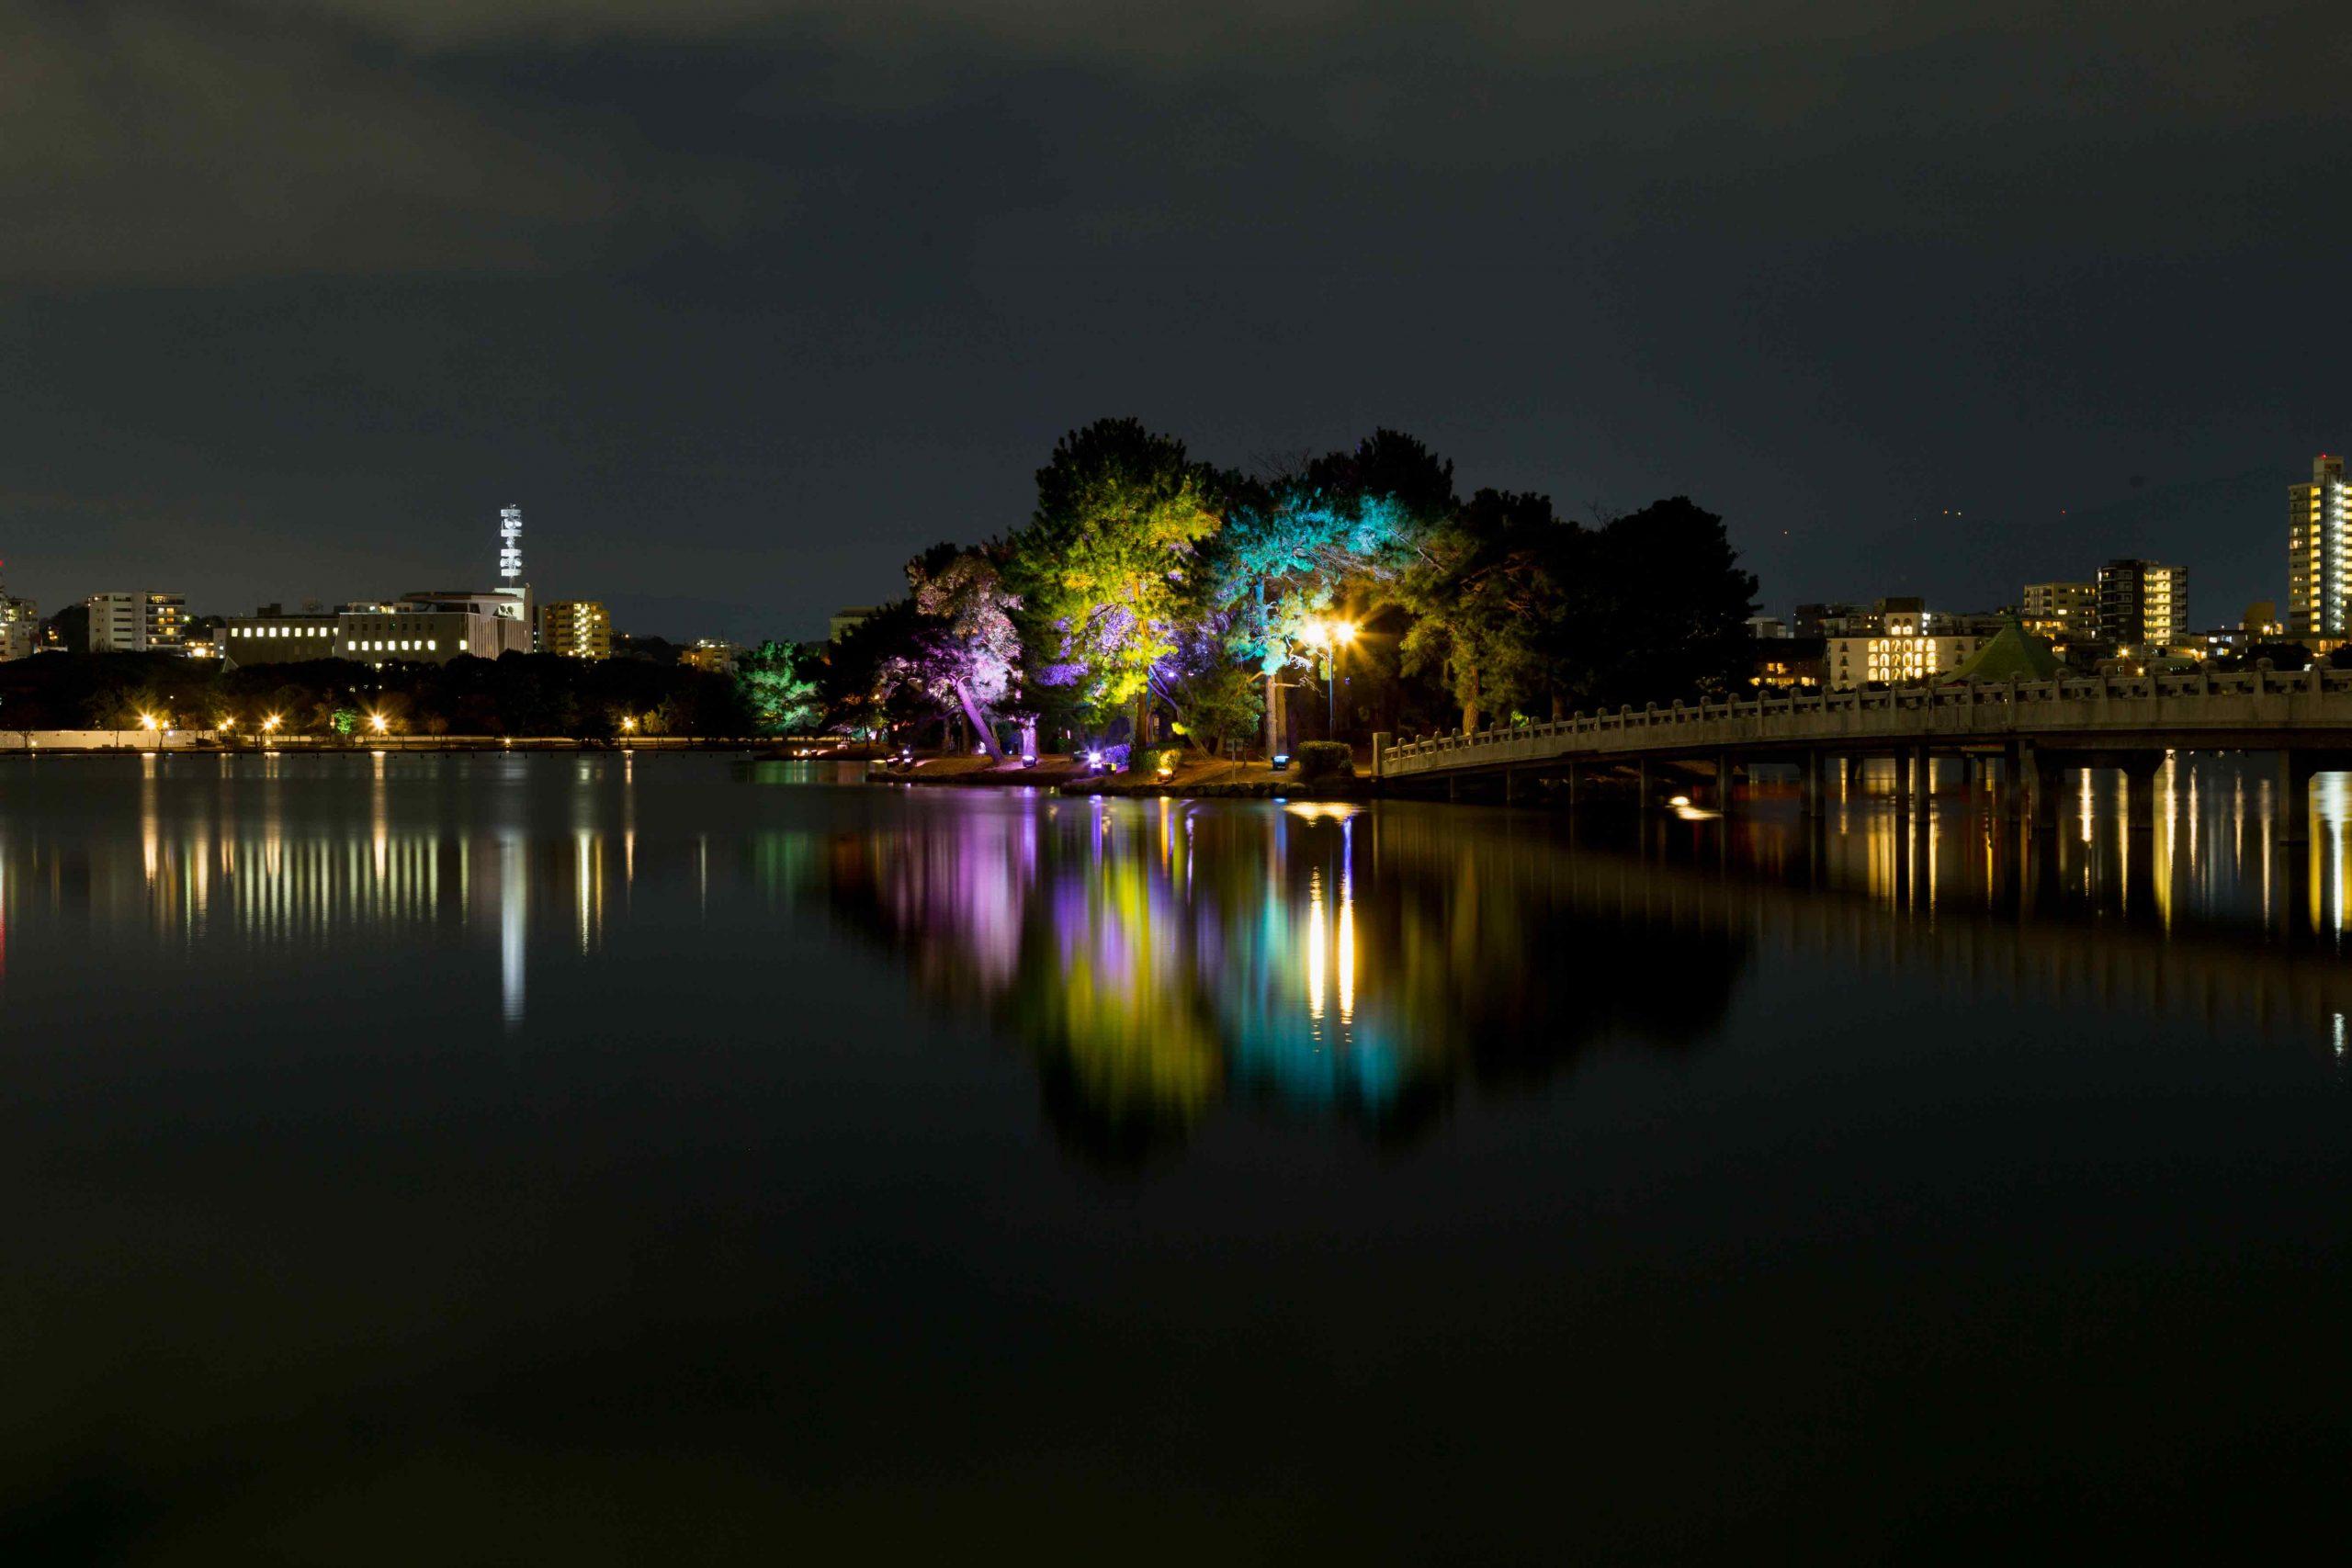 大濠公園ライトアッププロジェクト<br> LightInstallation at Ohori Park, Fukuoka-City